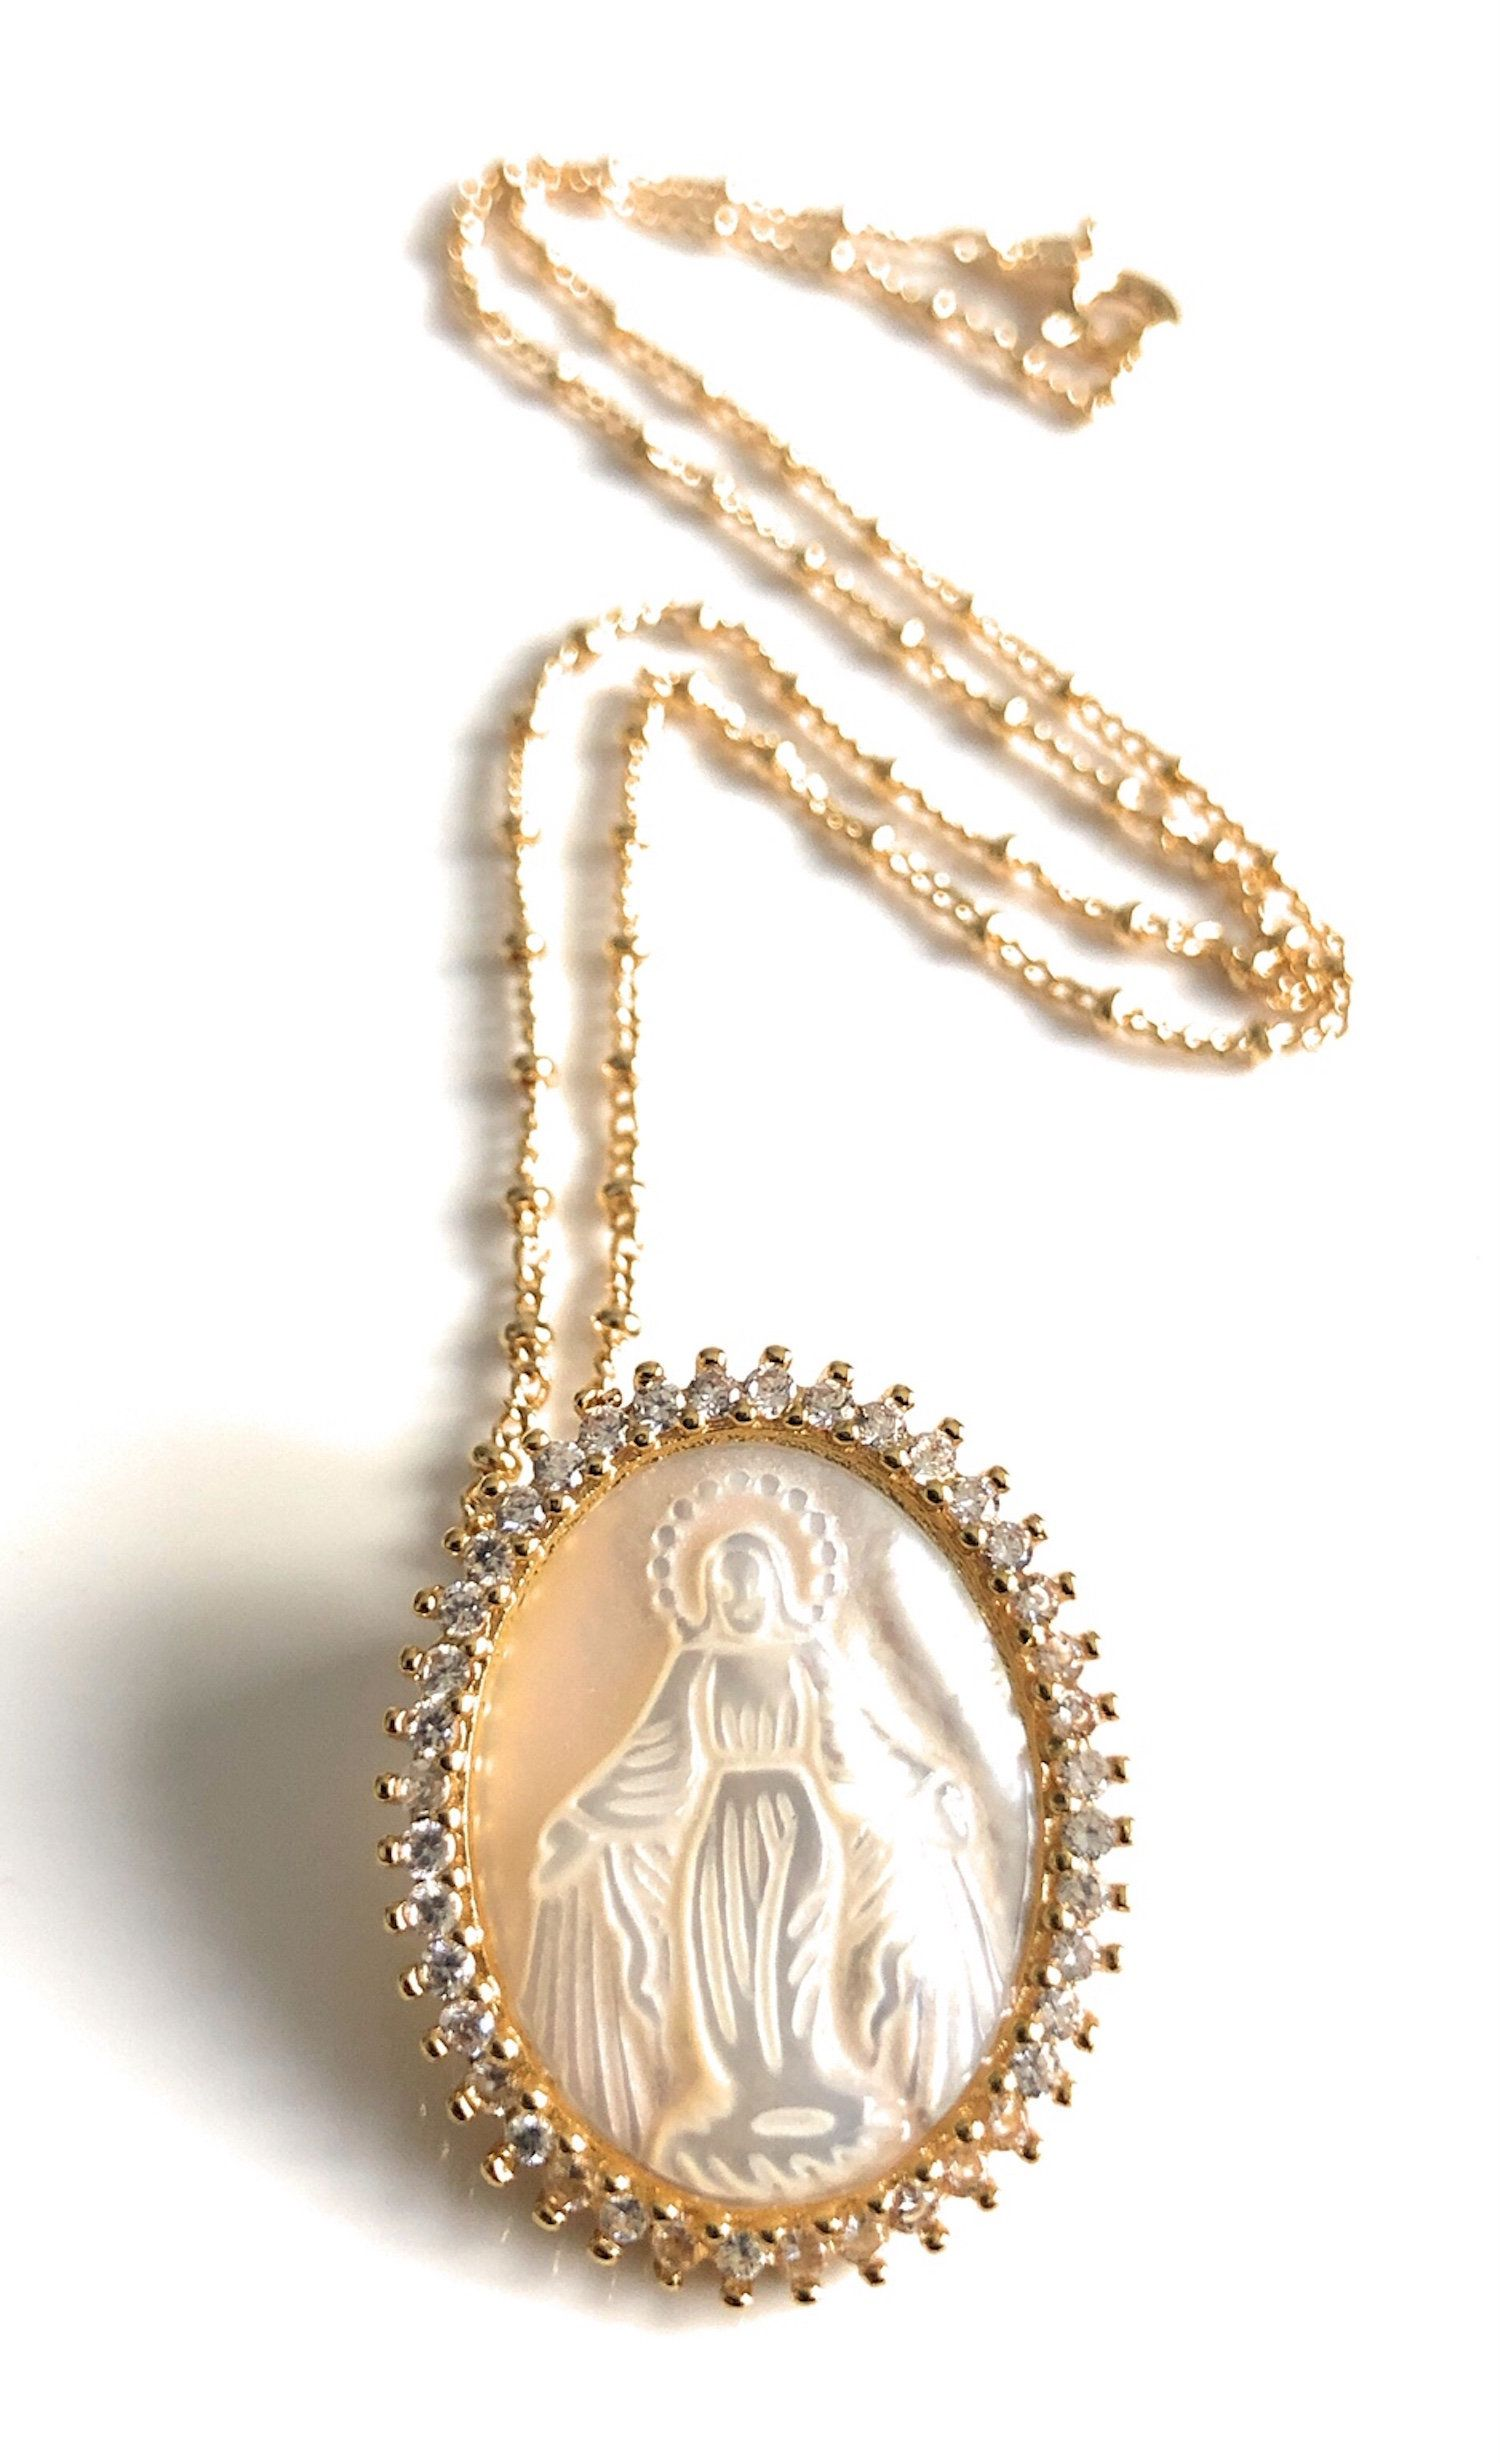 virgin gold necklace Virgin necklace lucky necklace miracle necklace religious necklace virgin Mary medallion virgin Mary necklace